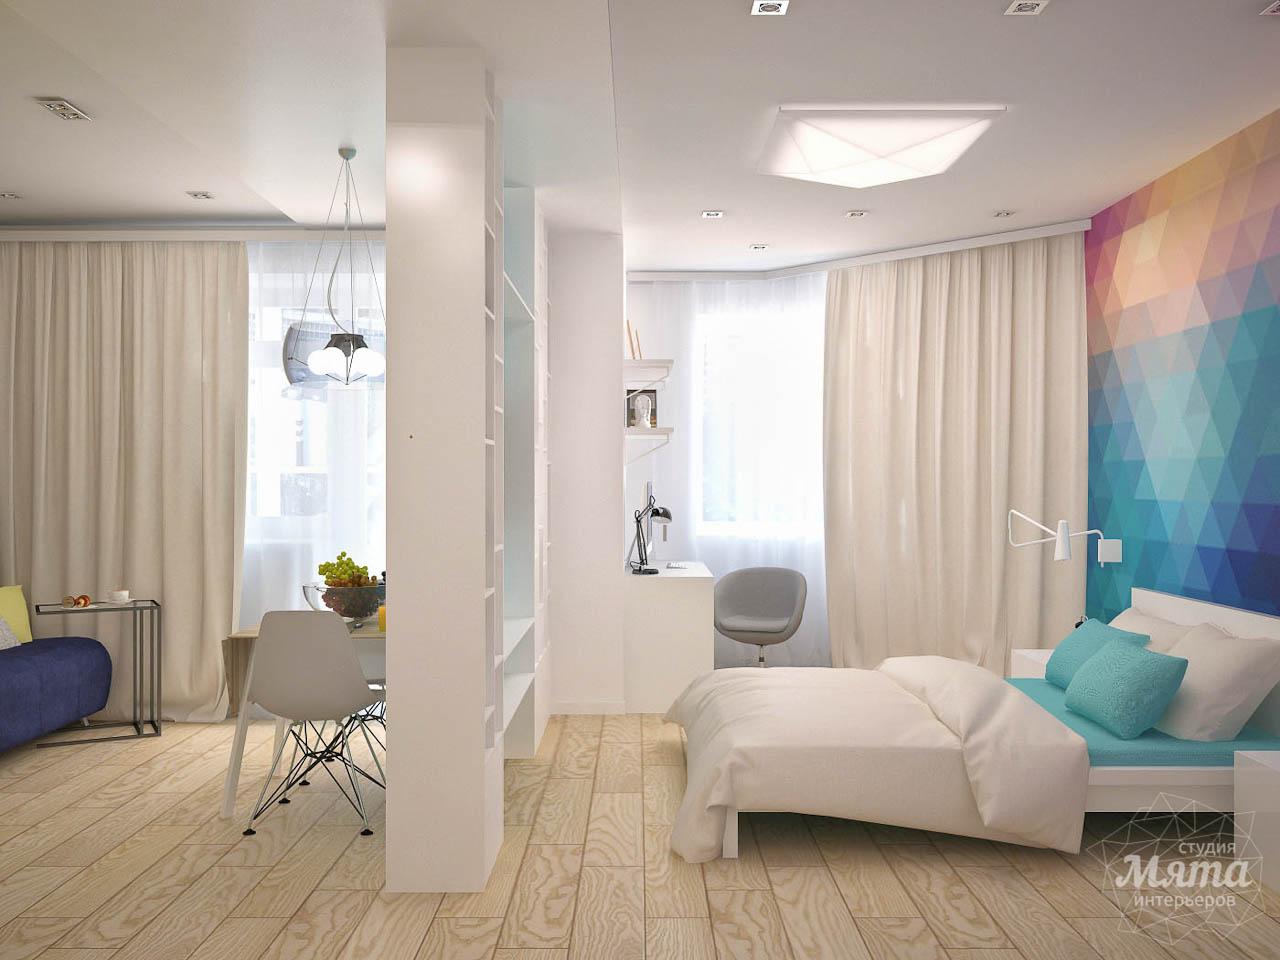 Дизайн интерьера и ремонт однокомнатной квартиры по ул. Сурикова 53а img1746403907